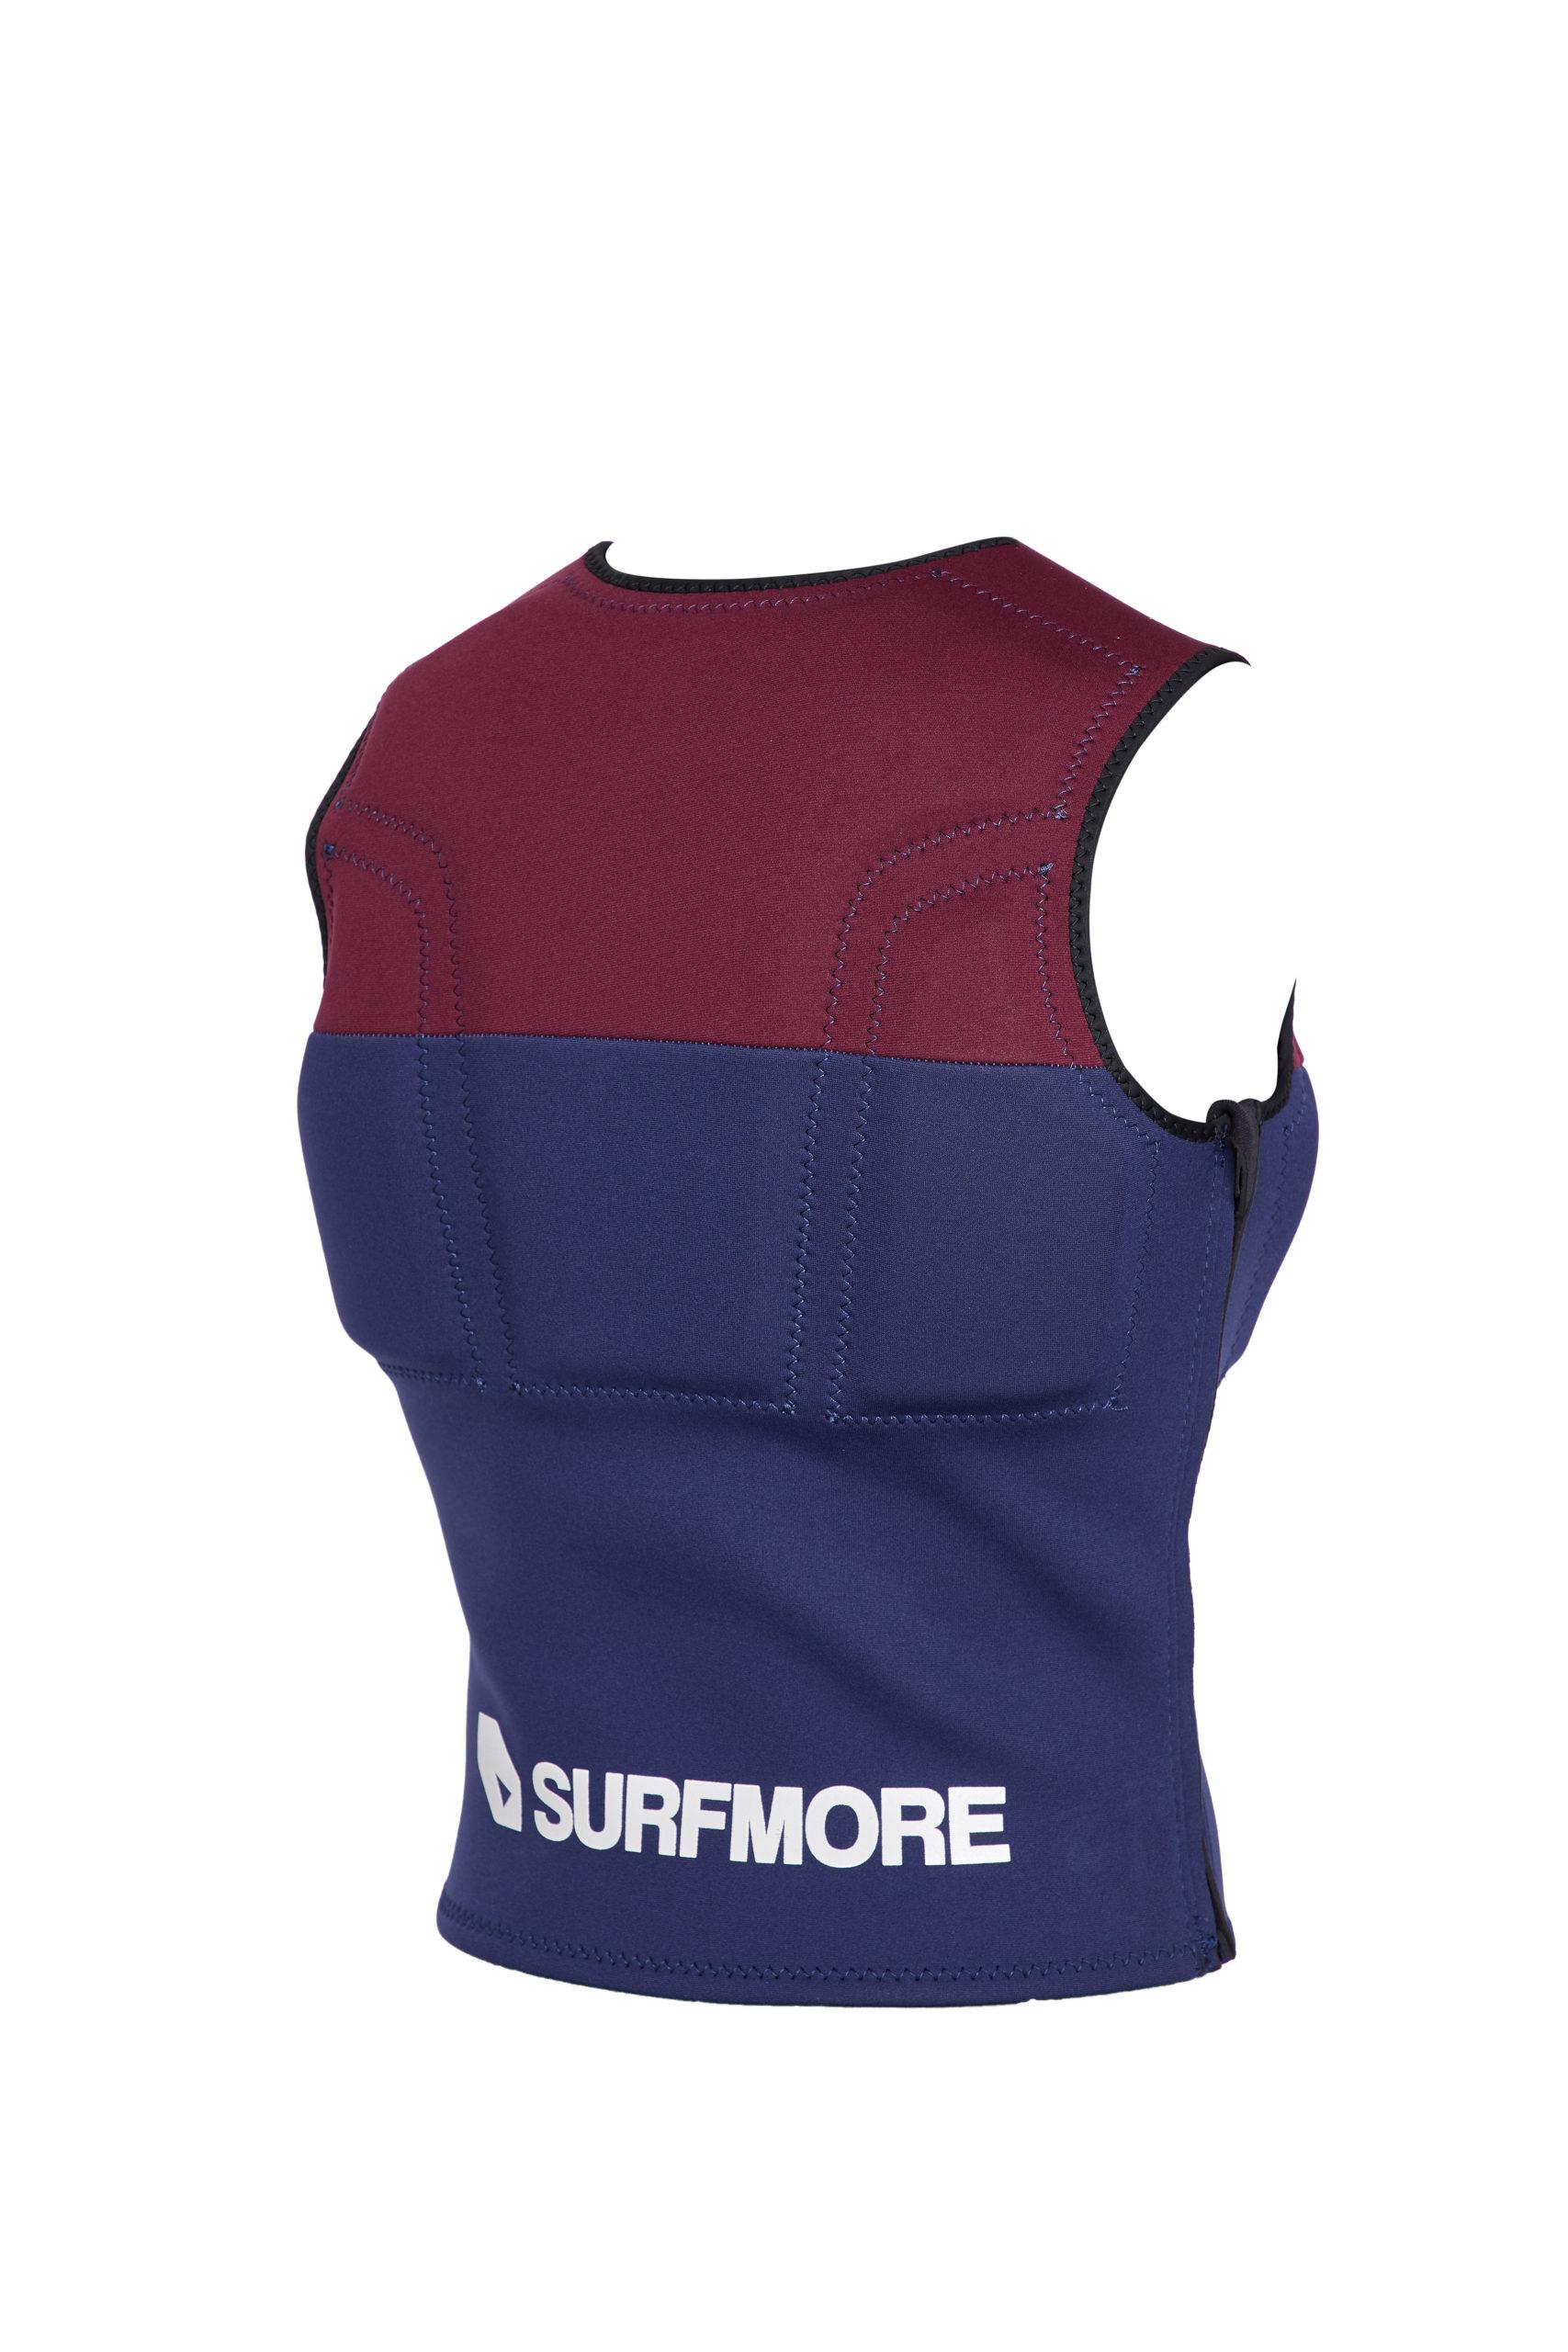 SURFMORE impact vest